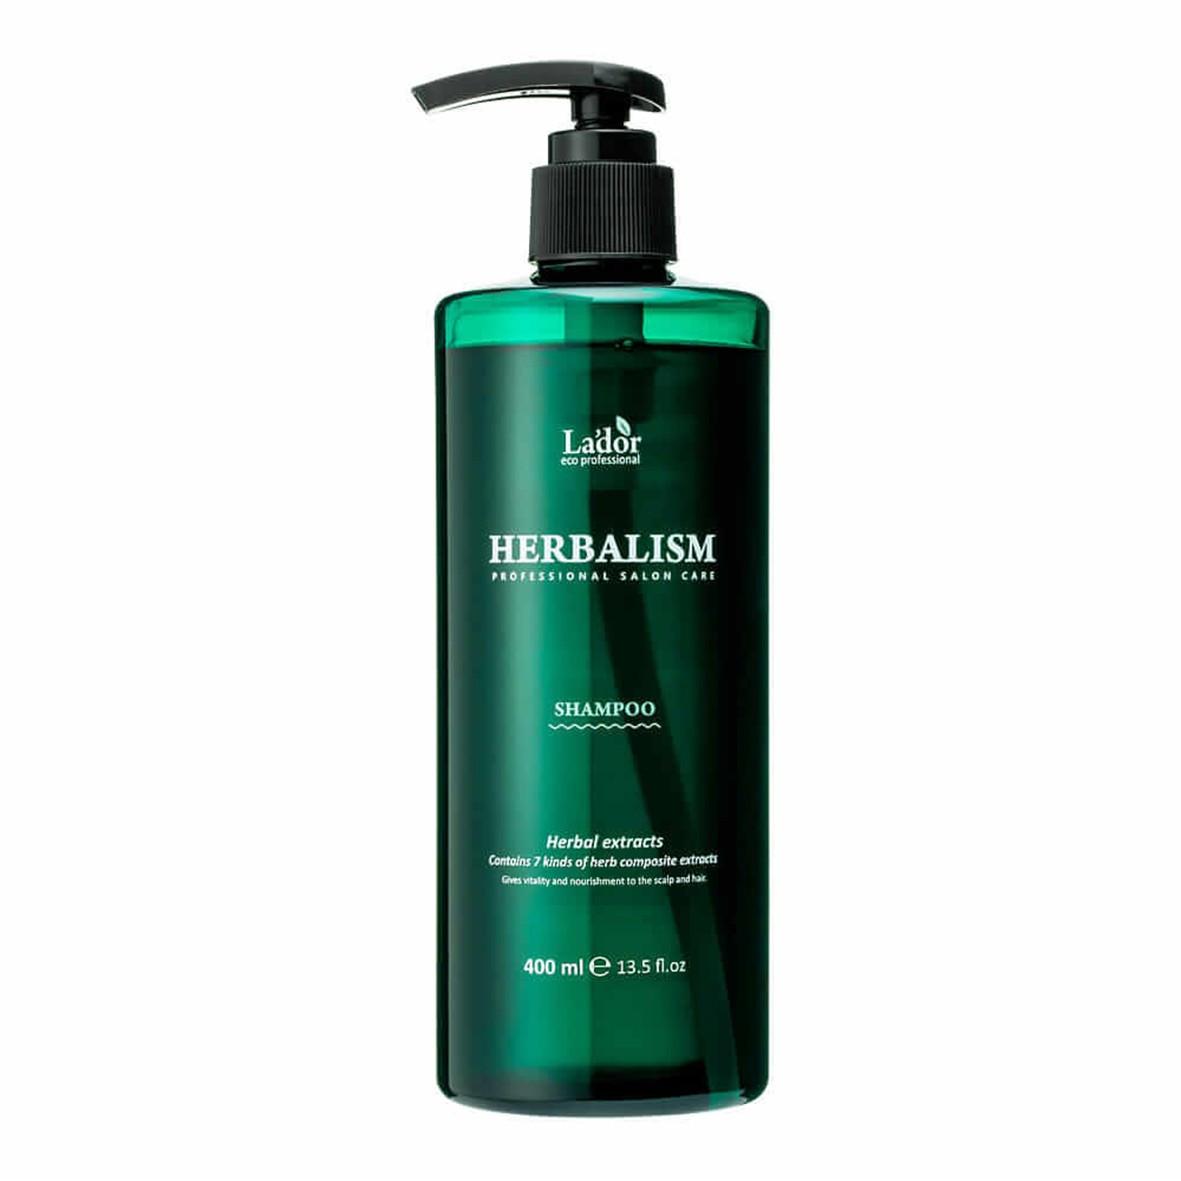 Заспокійливий трав'яний шампунь Lador Herbalism Shampoo 400 мл